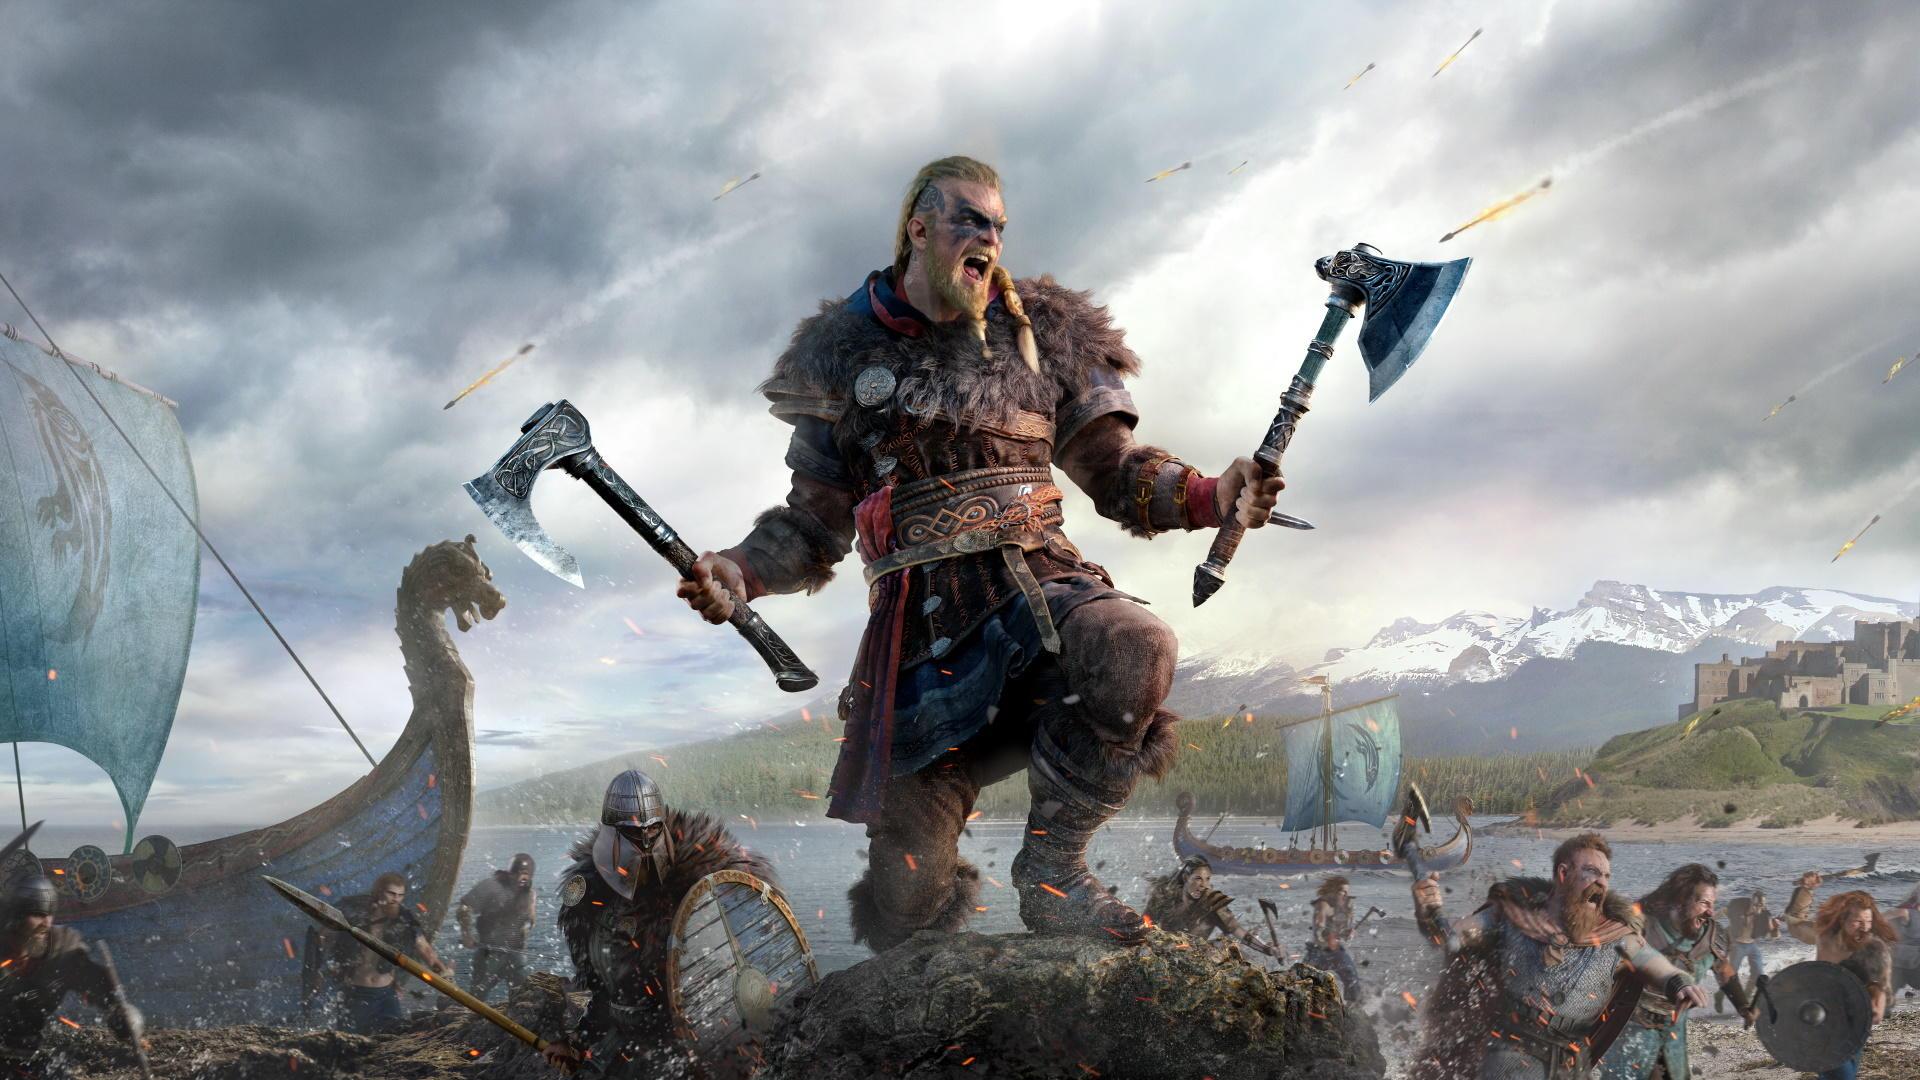 گیمپلی ۳۰ دقیقهای از Assassin's Creed Valhalla لو رفت